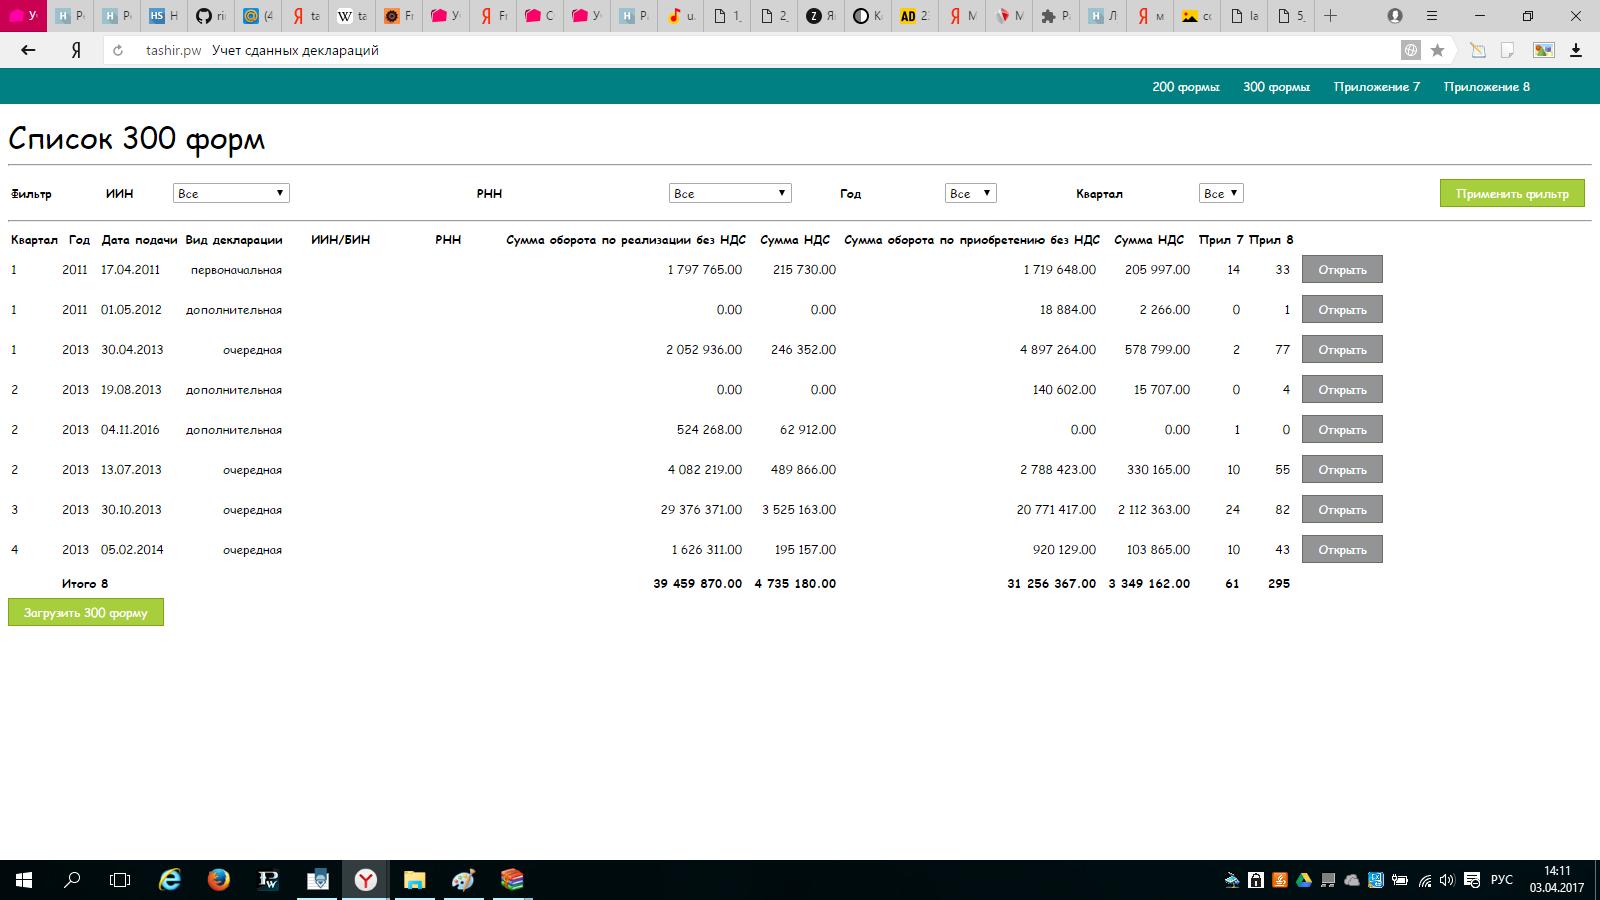 Разработка → Казахстан: Как я помогал сдать 100 форму налоговой отчетности. Продолжение 300 форма - 10